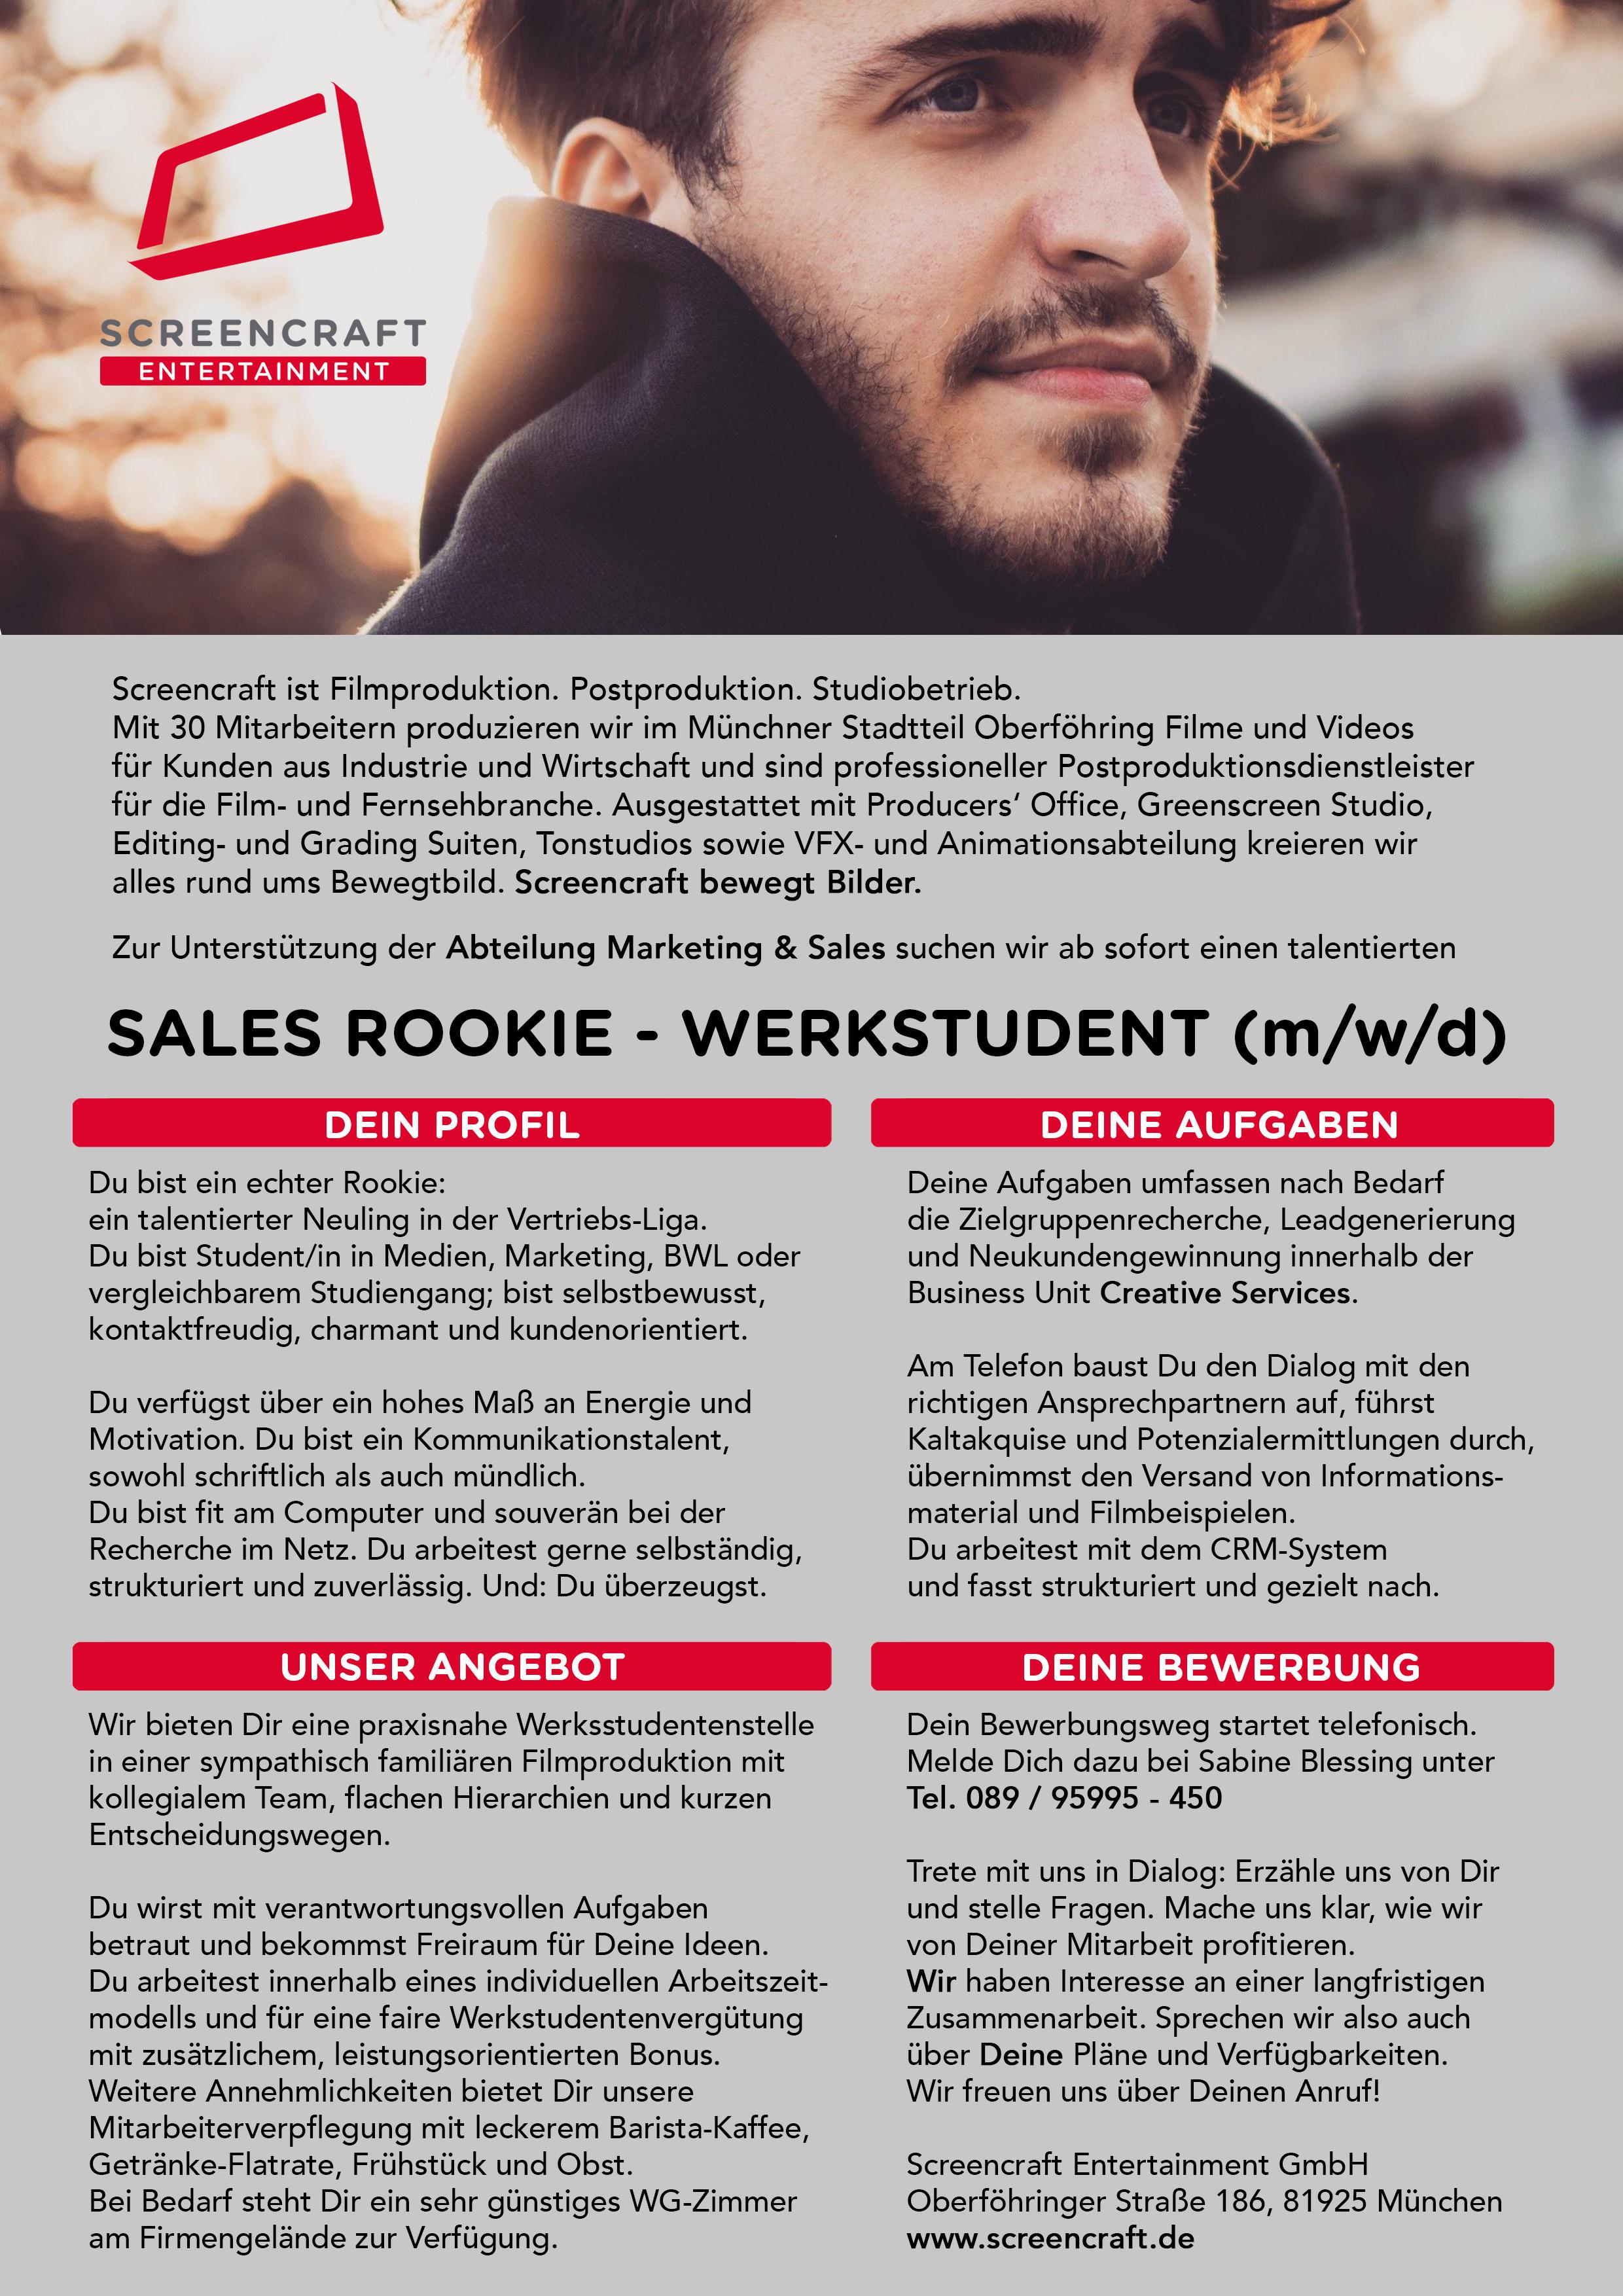 SALES_ROOKIE__Werkstudent.jpg